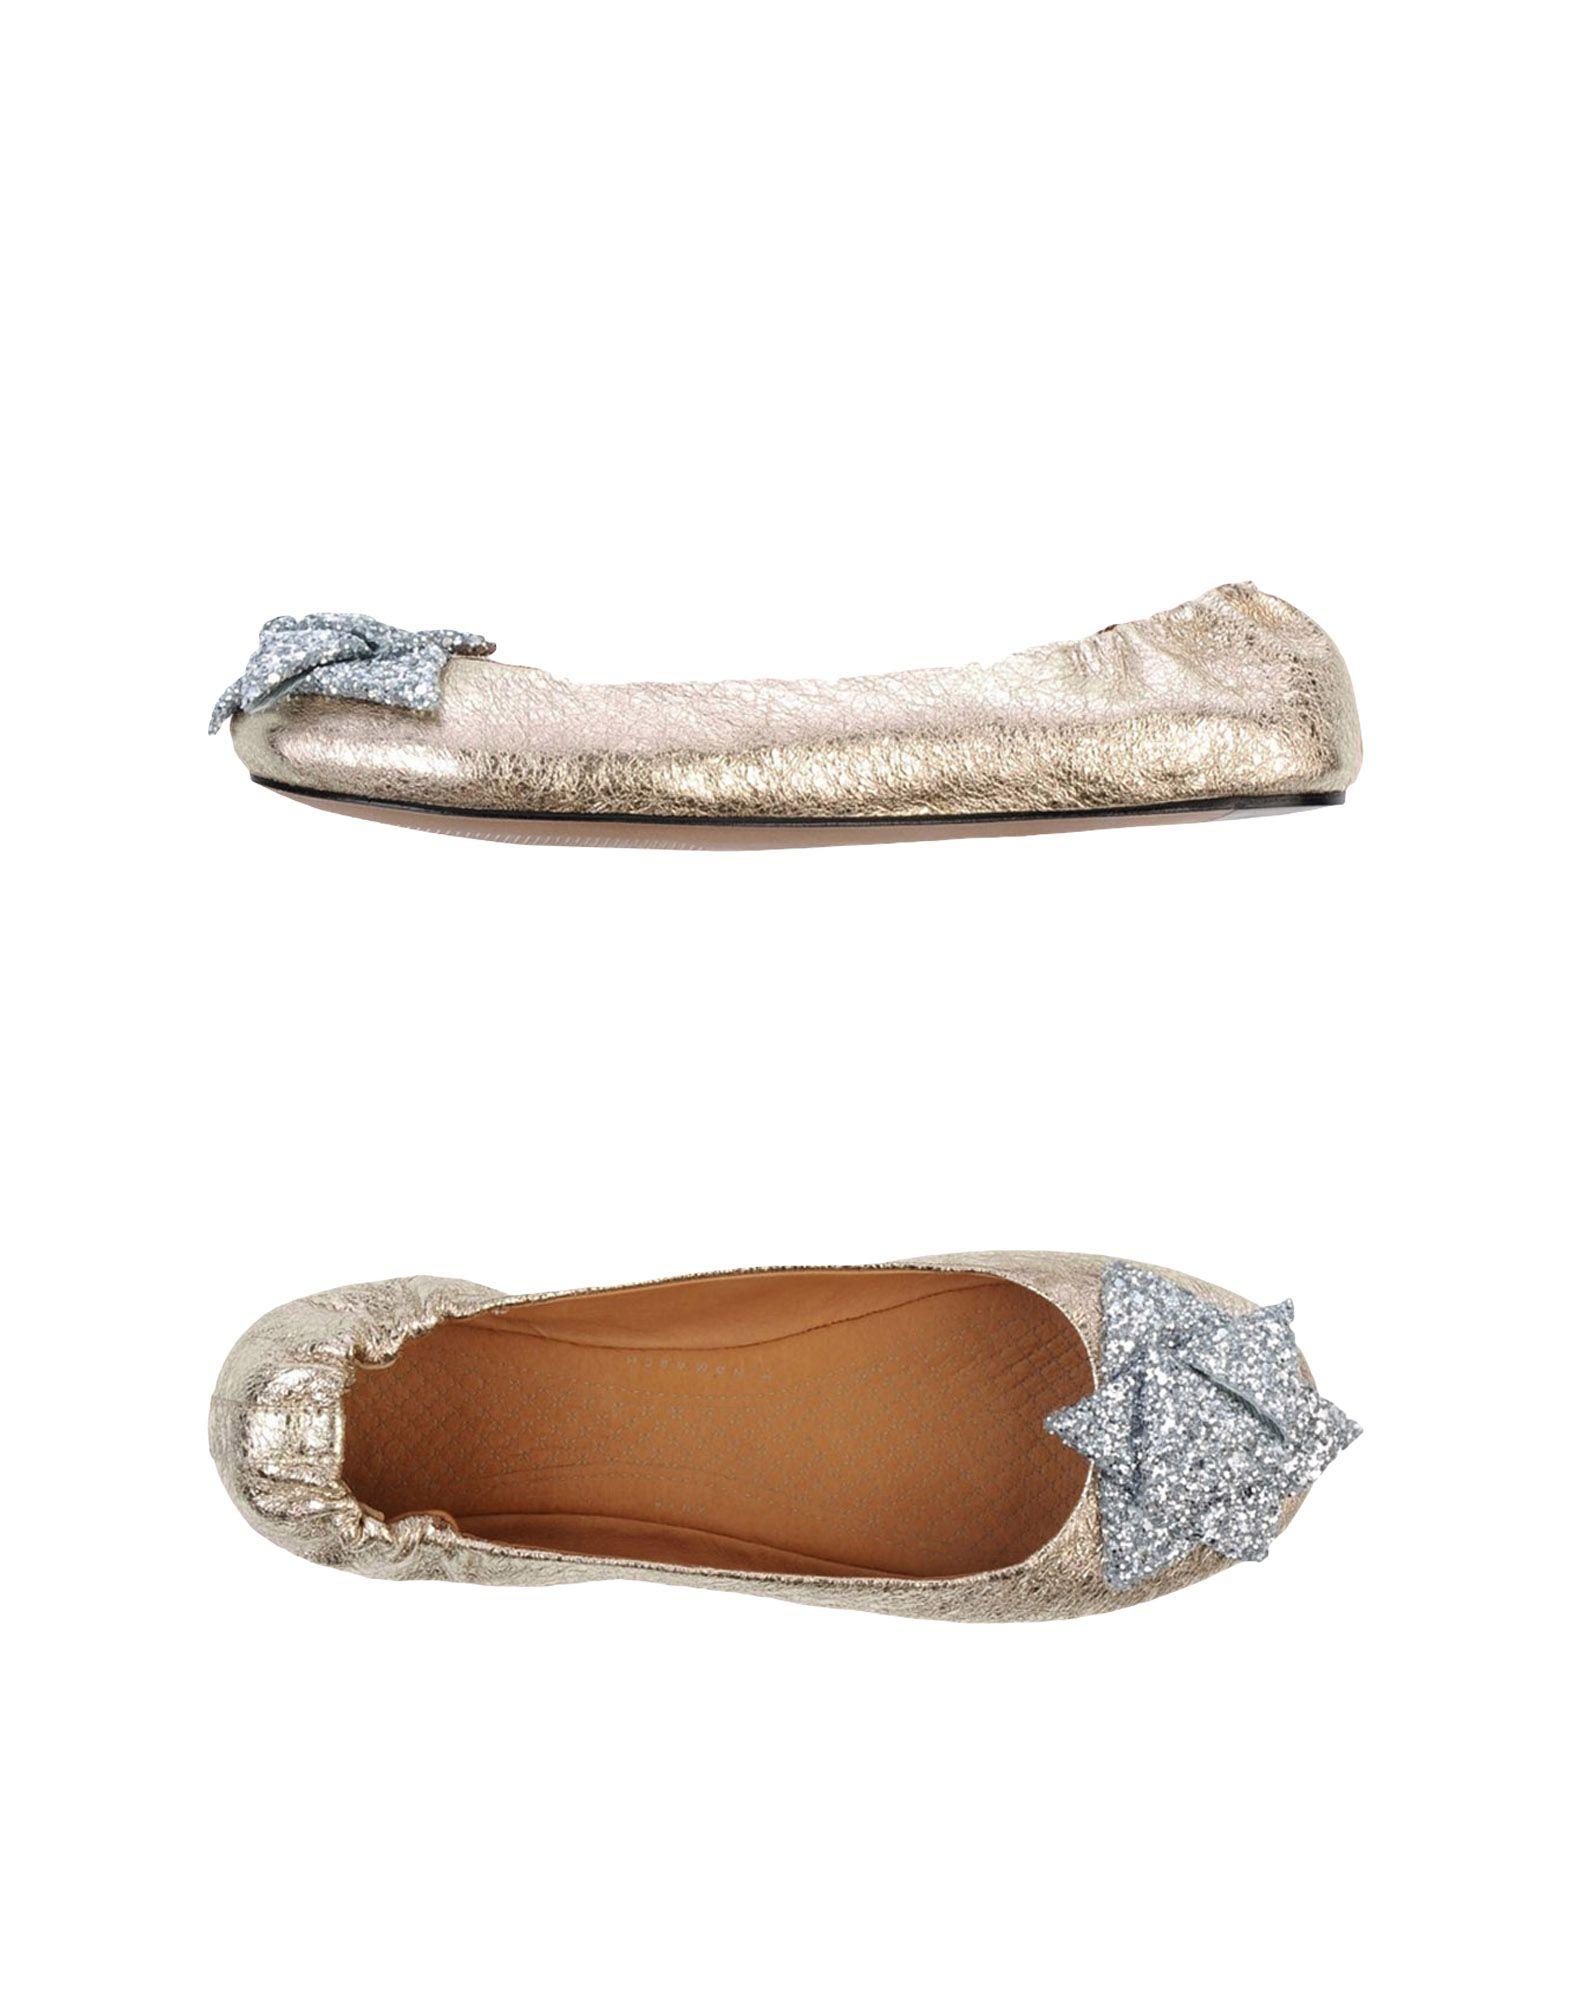 FOOTWEAR - Ballet flats Anya Hindmarch UC8FH2